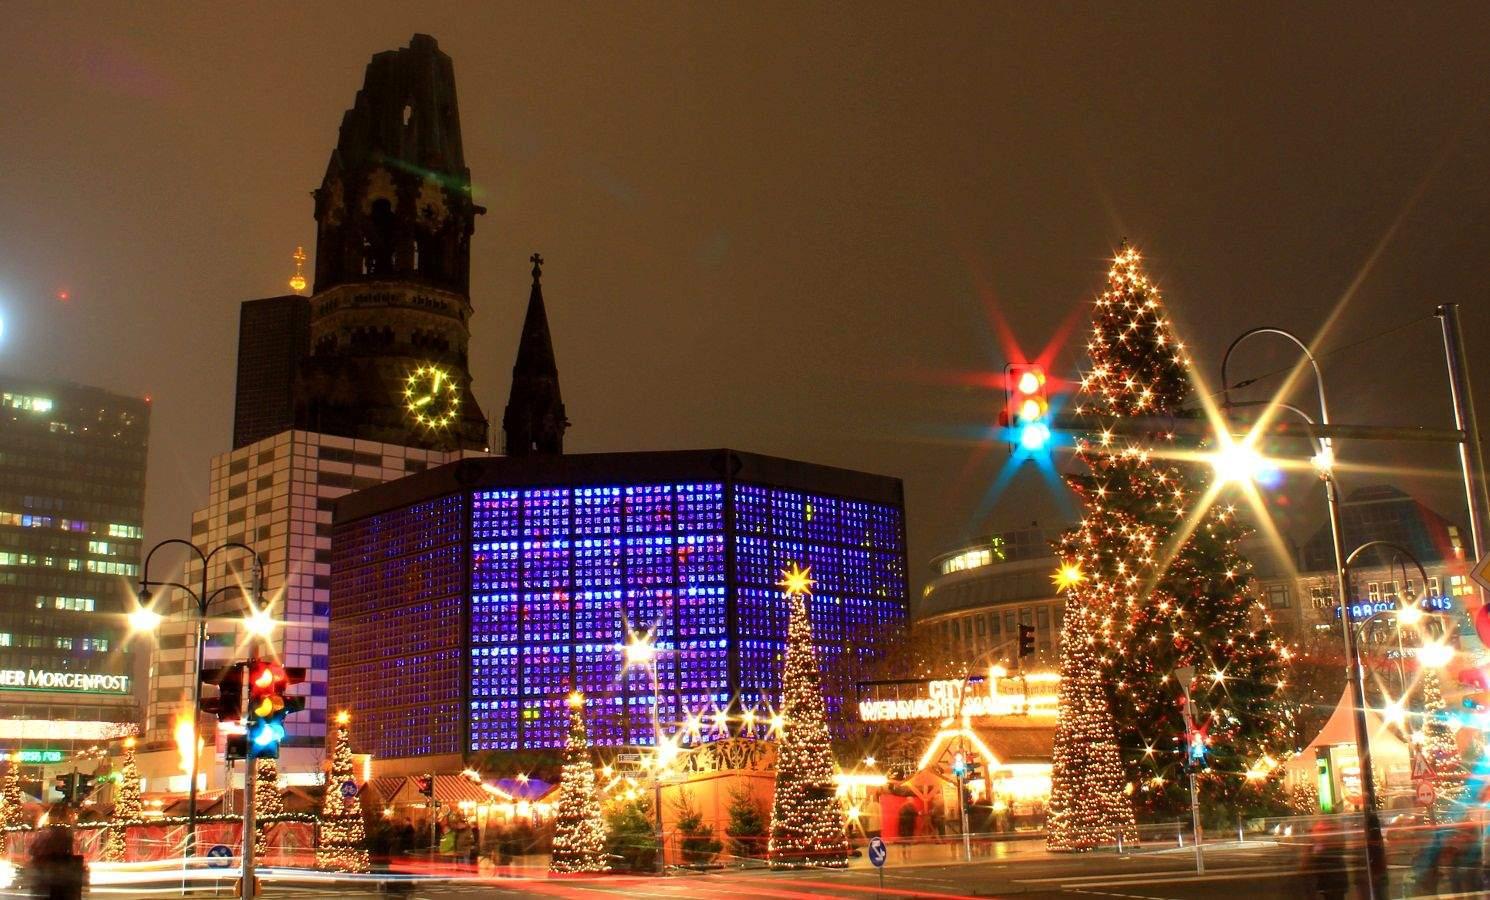 Berlin Zoologischer Garten Einzigartig Berliner Weihnachtsmarkt An Der Gedächtniskirche Berlin